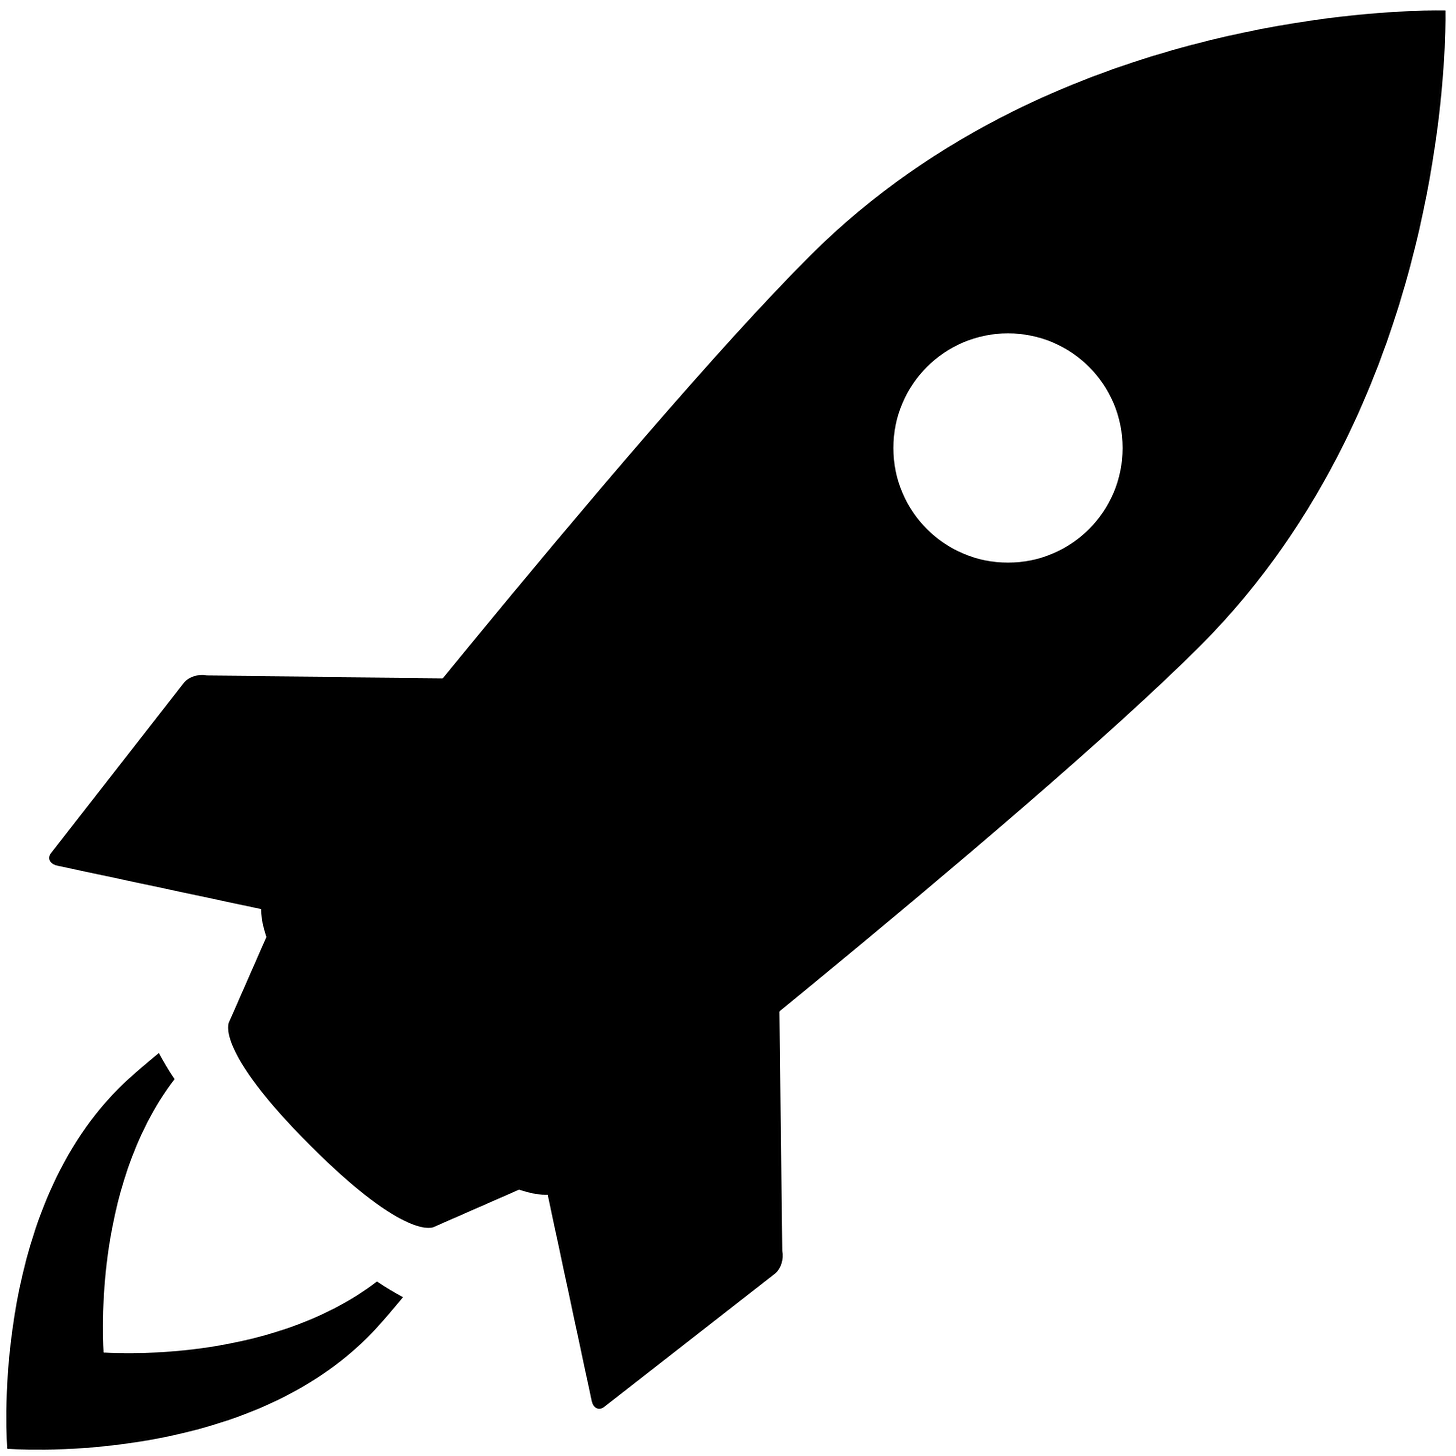 Rocket Free PNG images, Rocket Ship, Real Rocket Hd Free Download - Free  Transparent PNG Logos